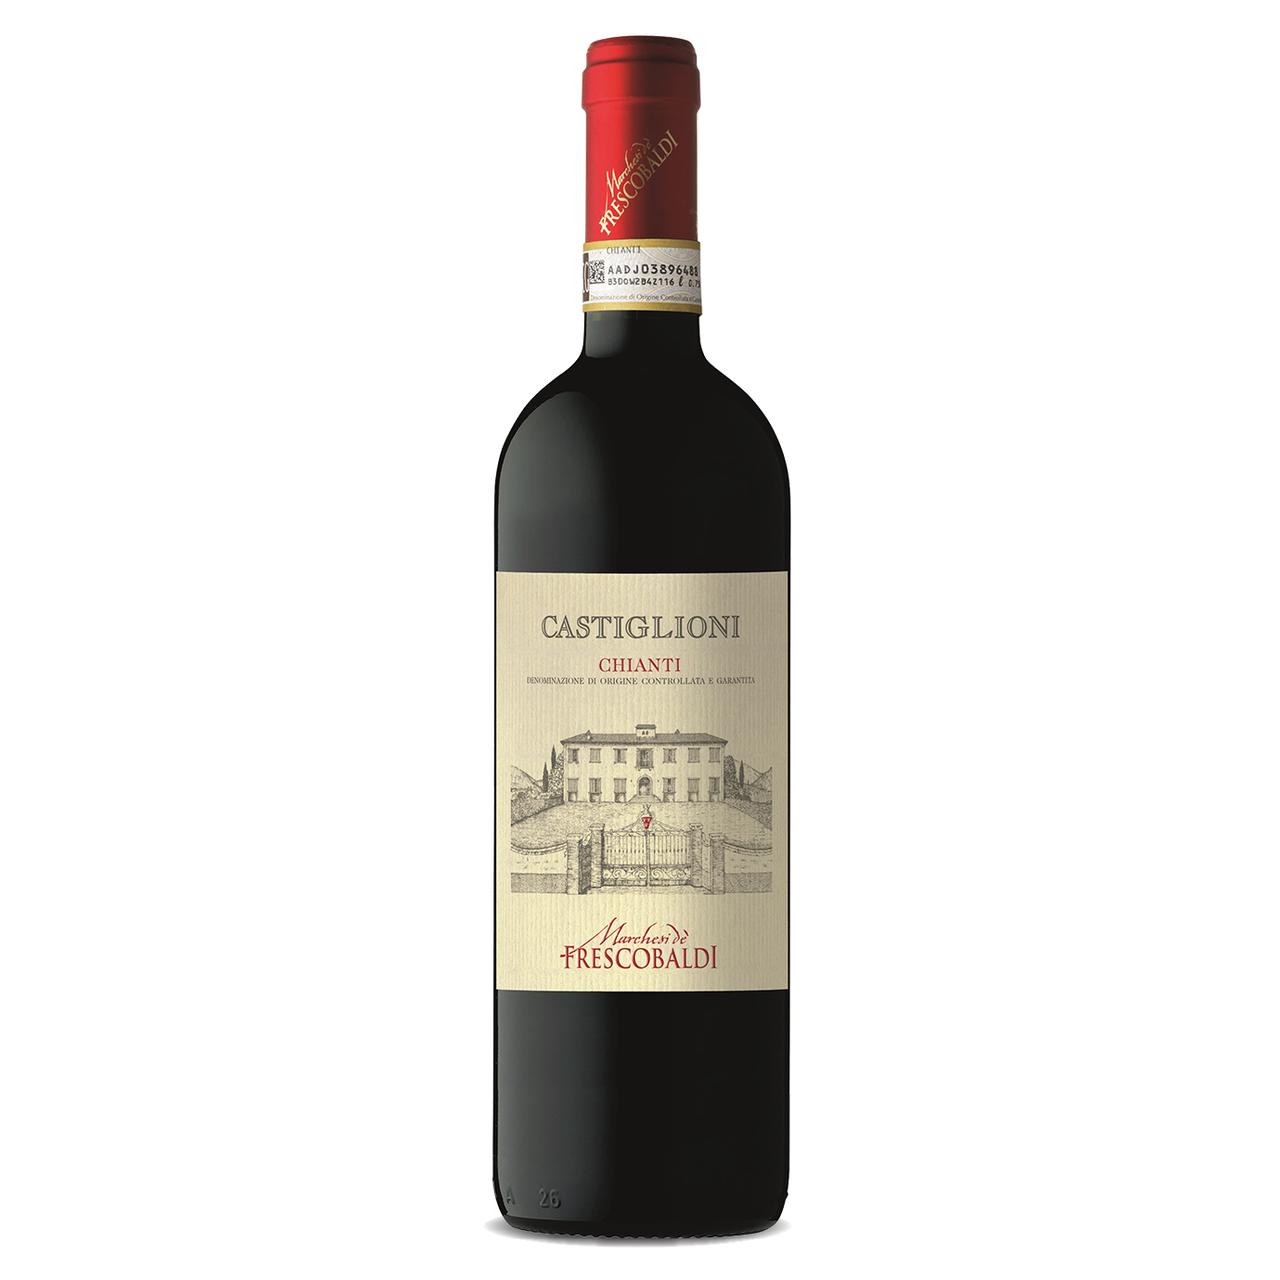 Castiglioni Chianti Frescobaldi 2018 750ml